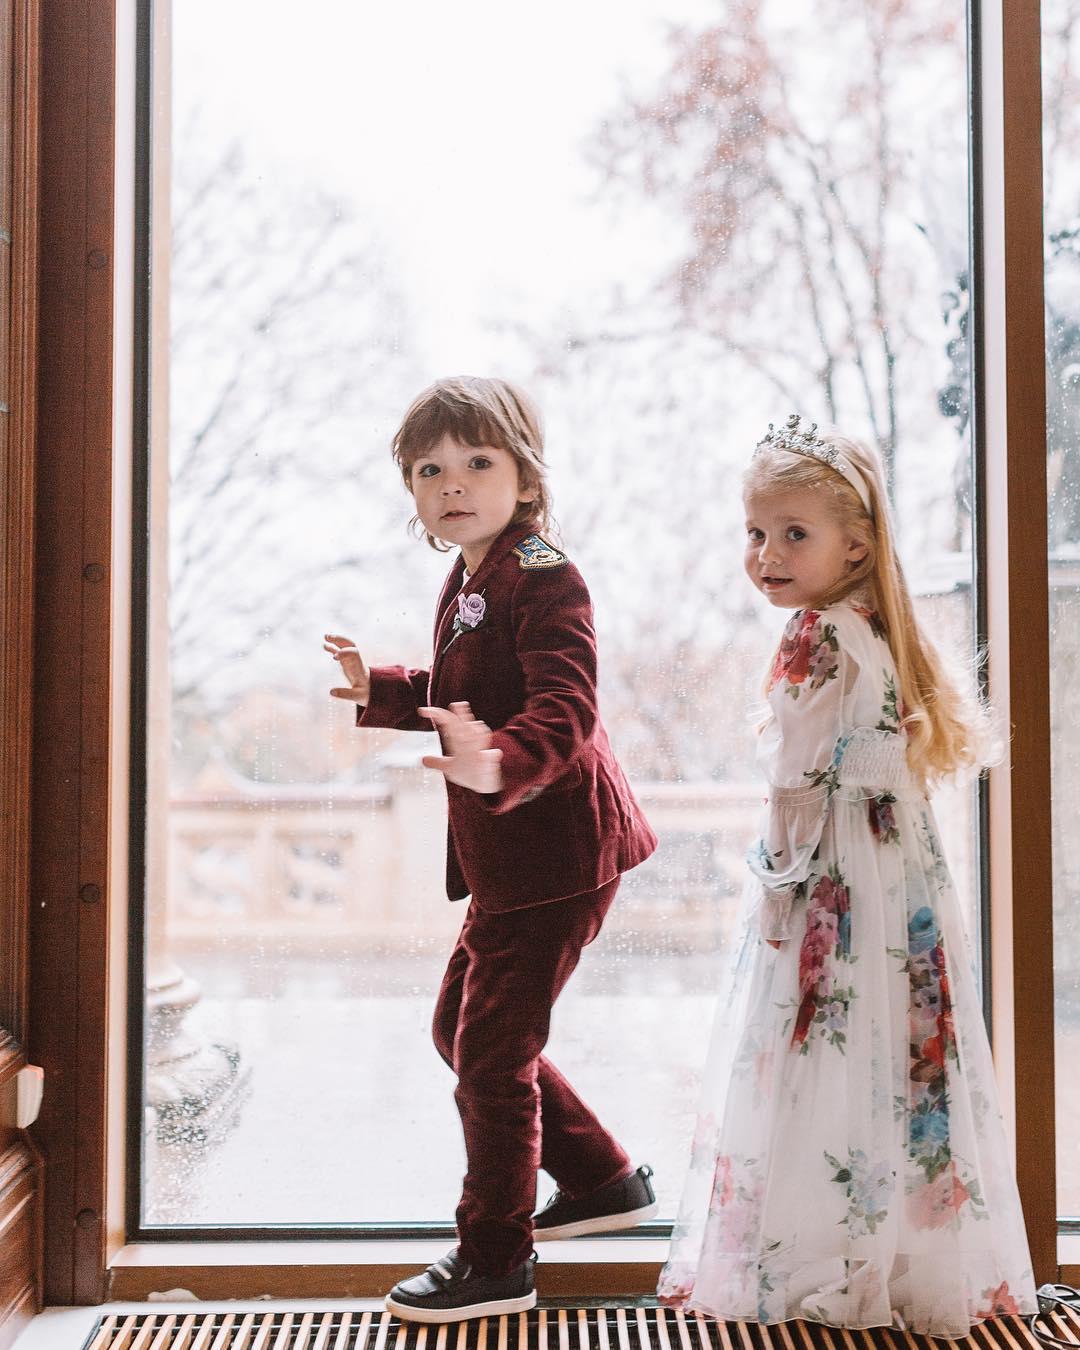 Мило до невозможности: 7 лучших фото звездных деток этой зимы